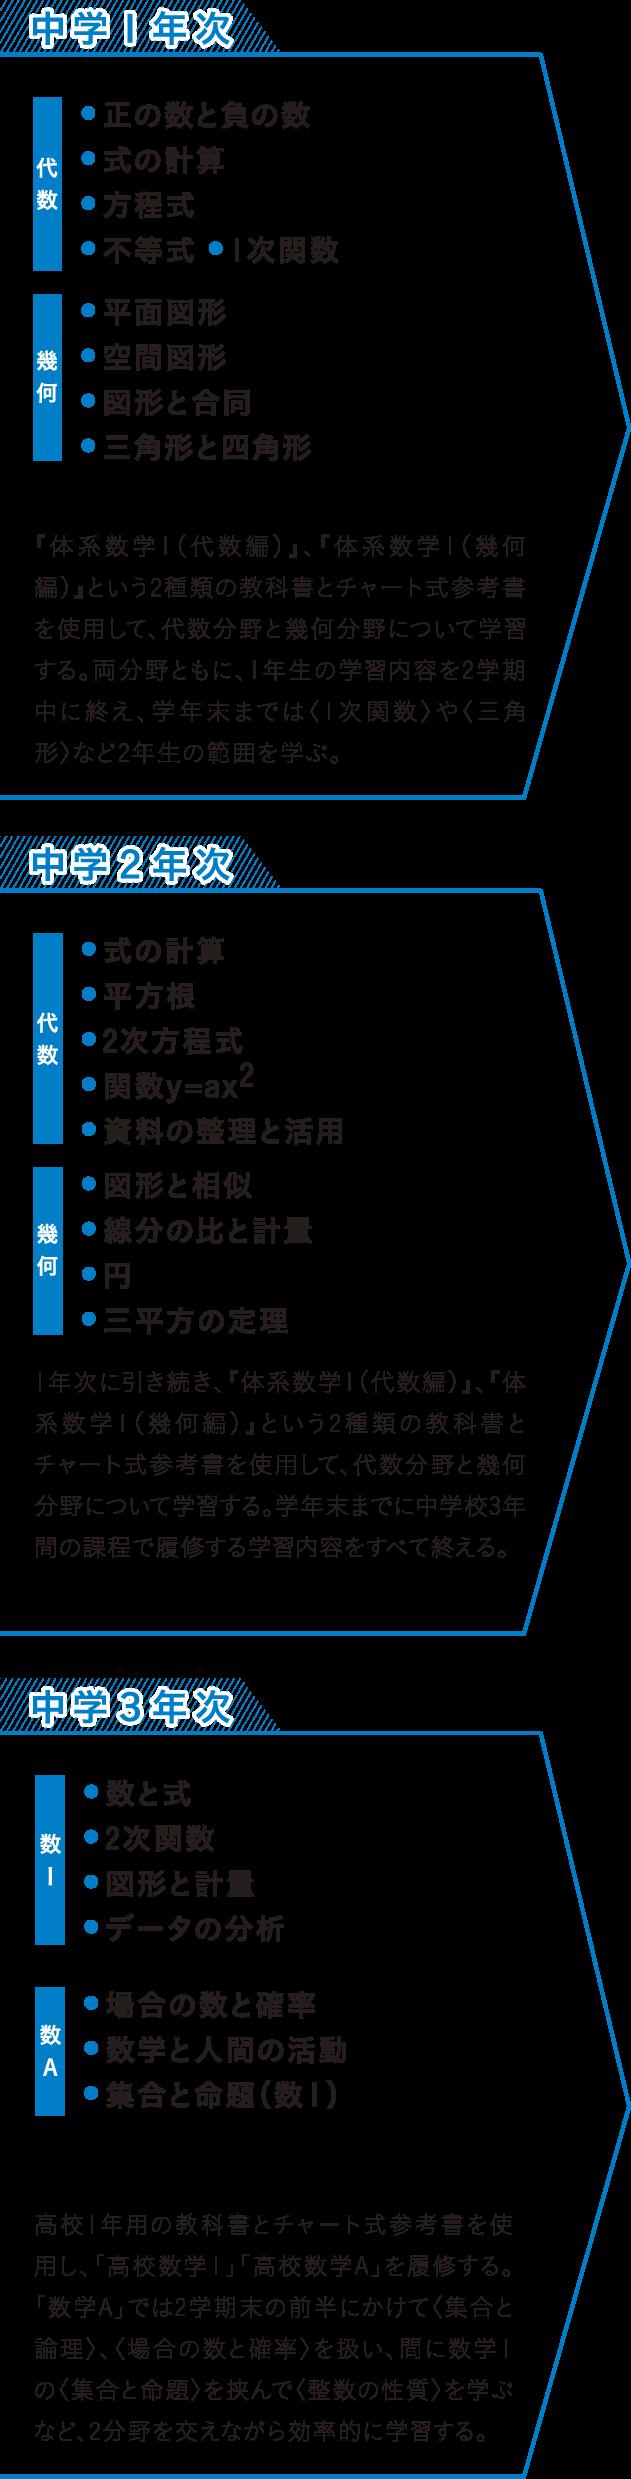 学校法人東海学園【東海中学校・東海高等学校】/教育/数学科